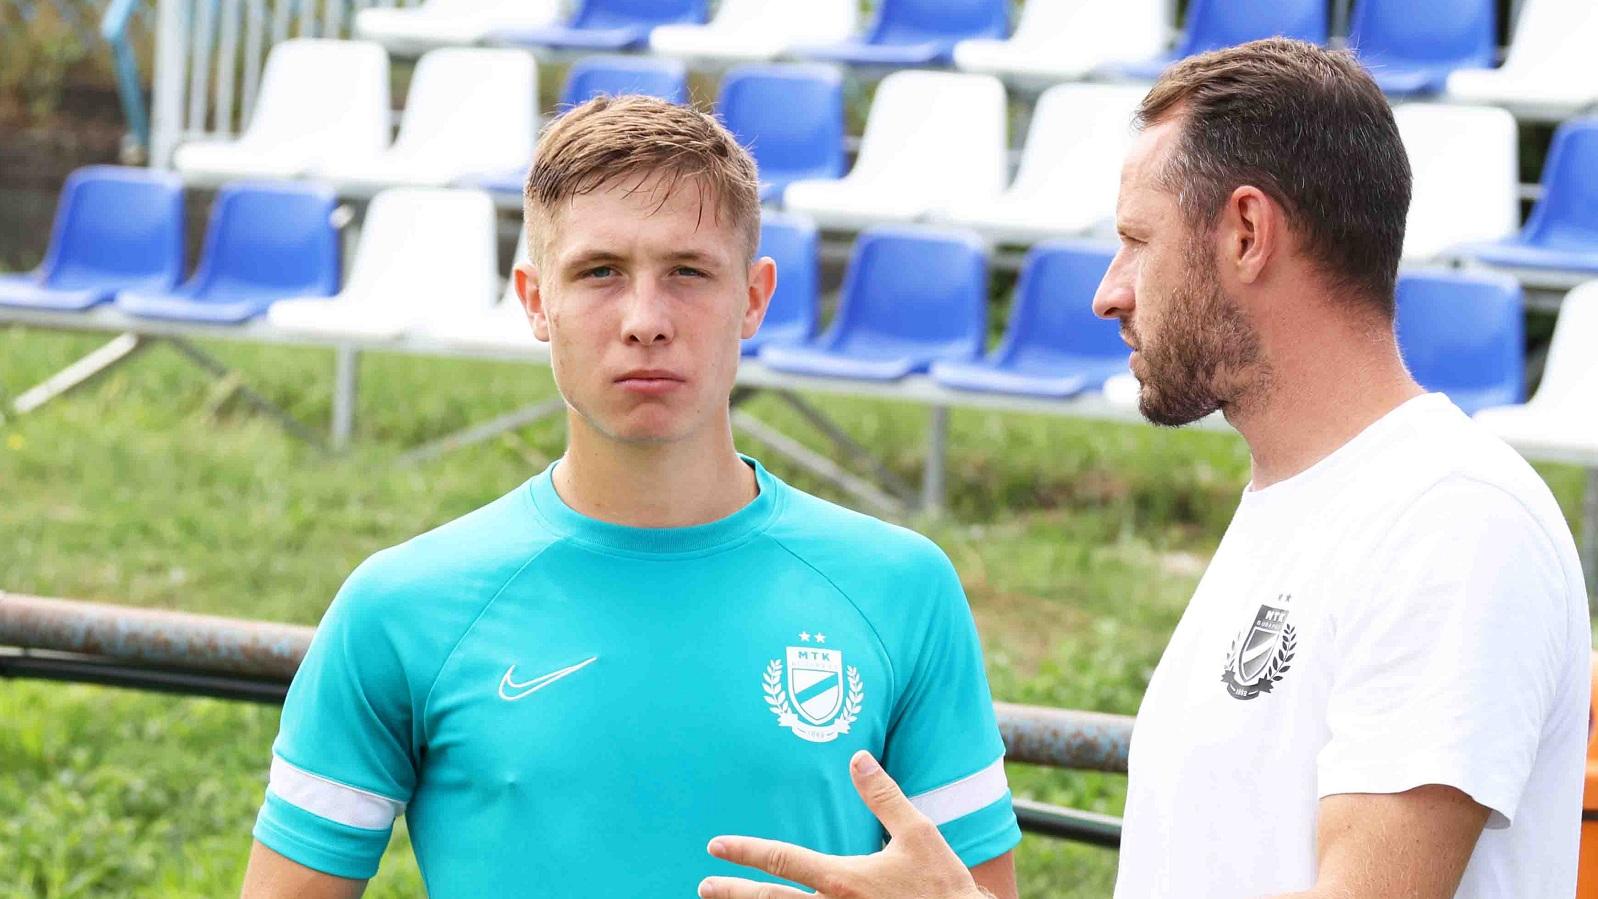 """Kosznovszky: """"Az idei szezonban mindenképp a felnőtt futballban szerettem volna lehetőséget kapni"""" (videó)"""